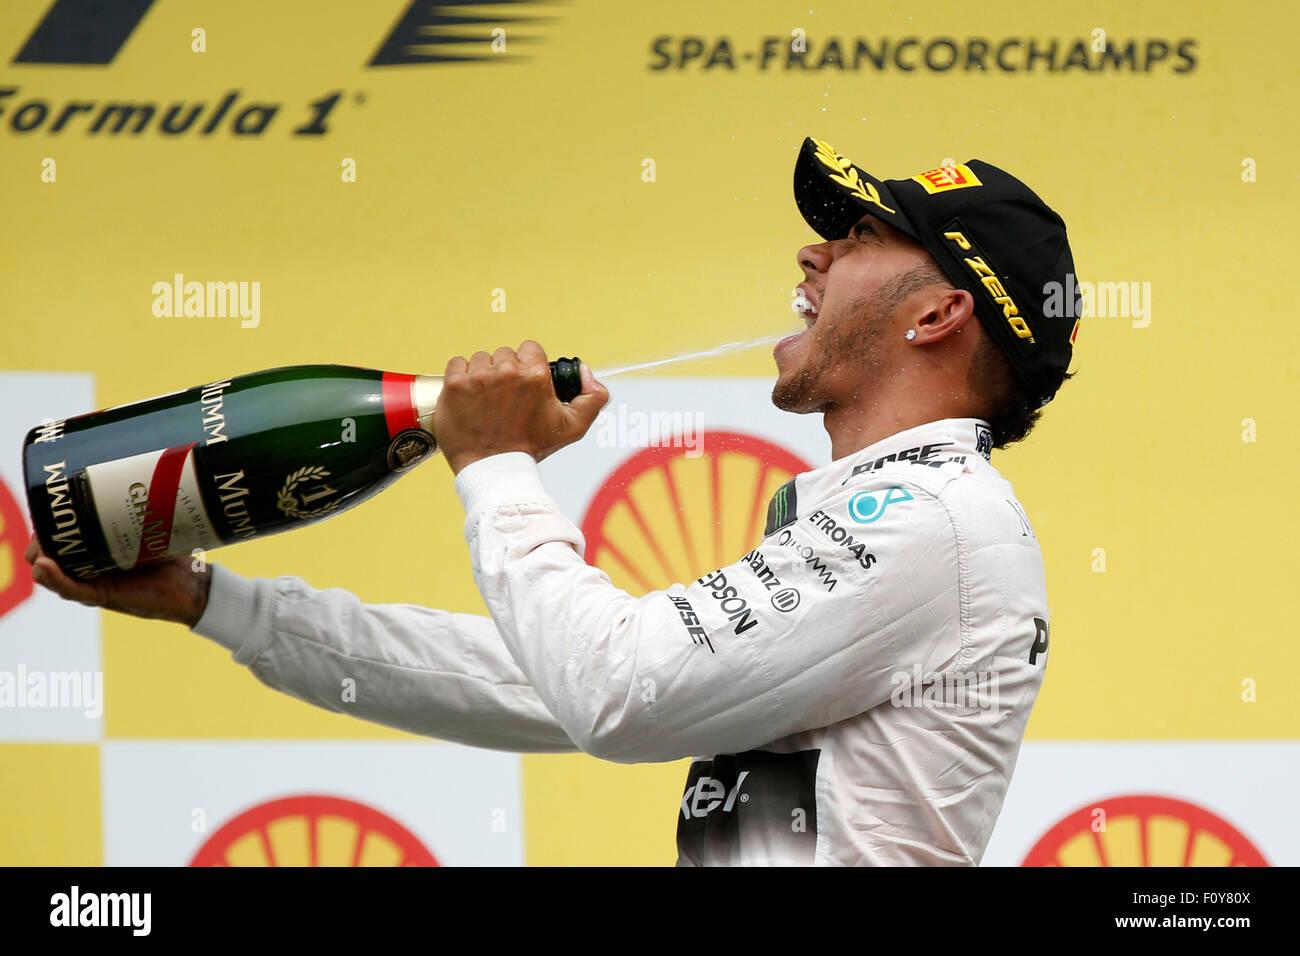 Spa, Belgio. 23 Ago, 2015. Campionato del Mondo di Formula Uno FIA 2015, il Gran Premio del Belgio, #44 Lewis Hamilton Immagini Stock